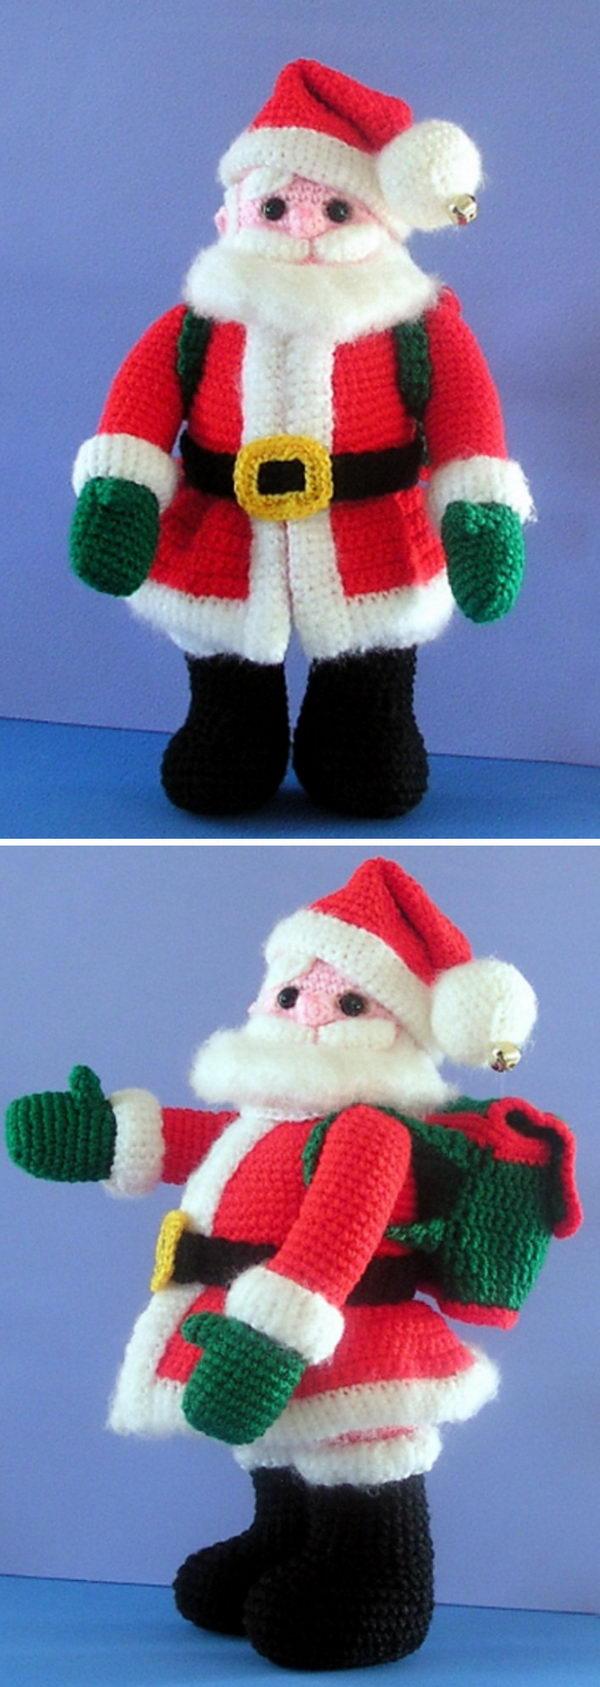 Santa Claus Doll.